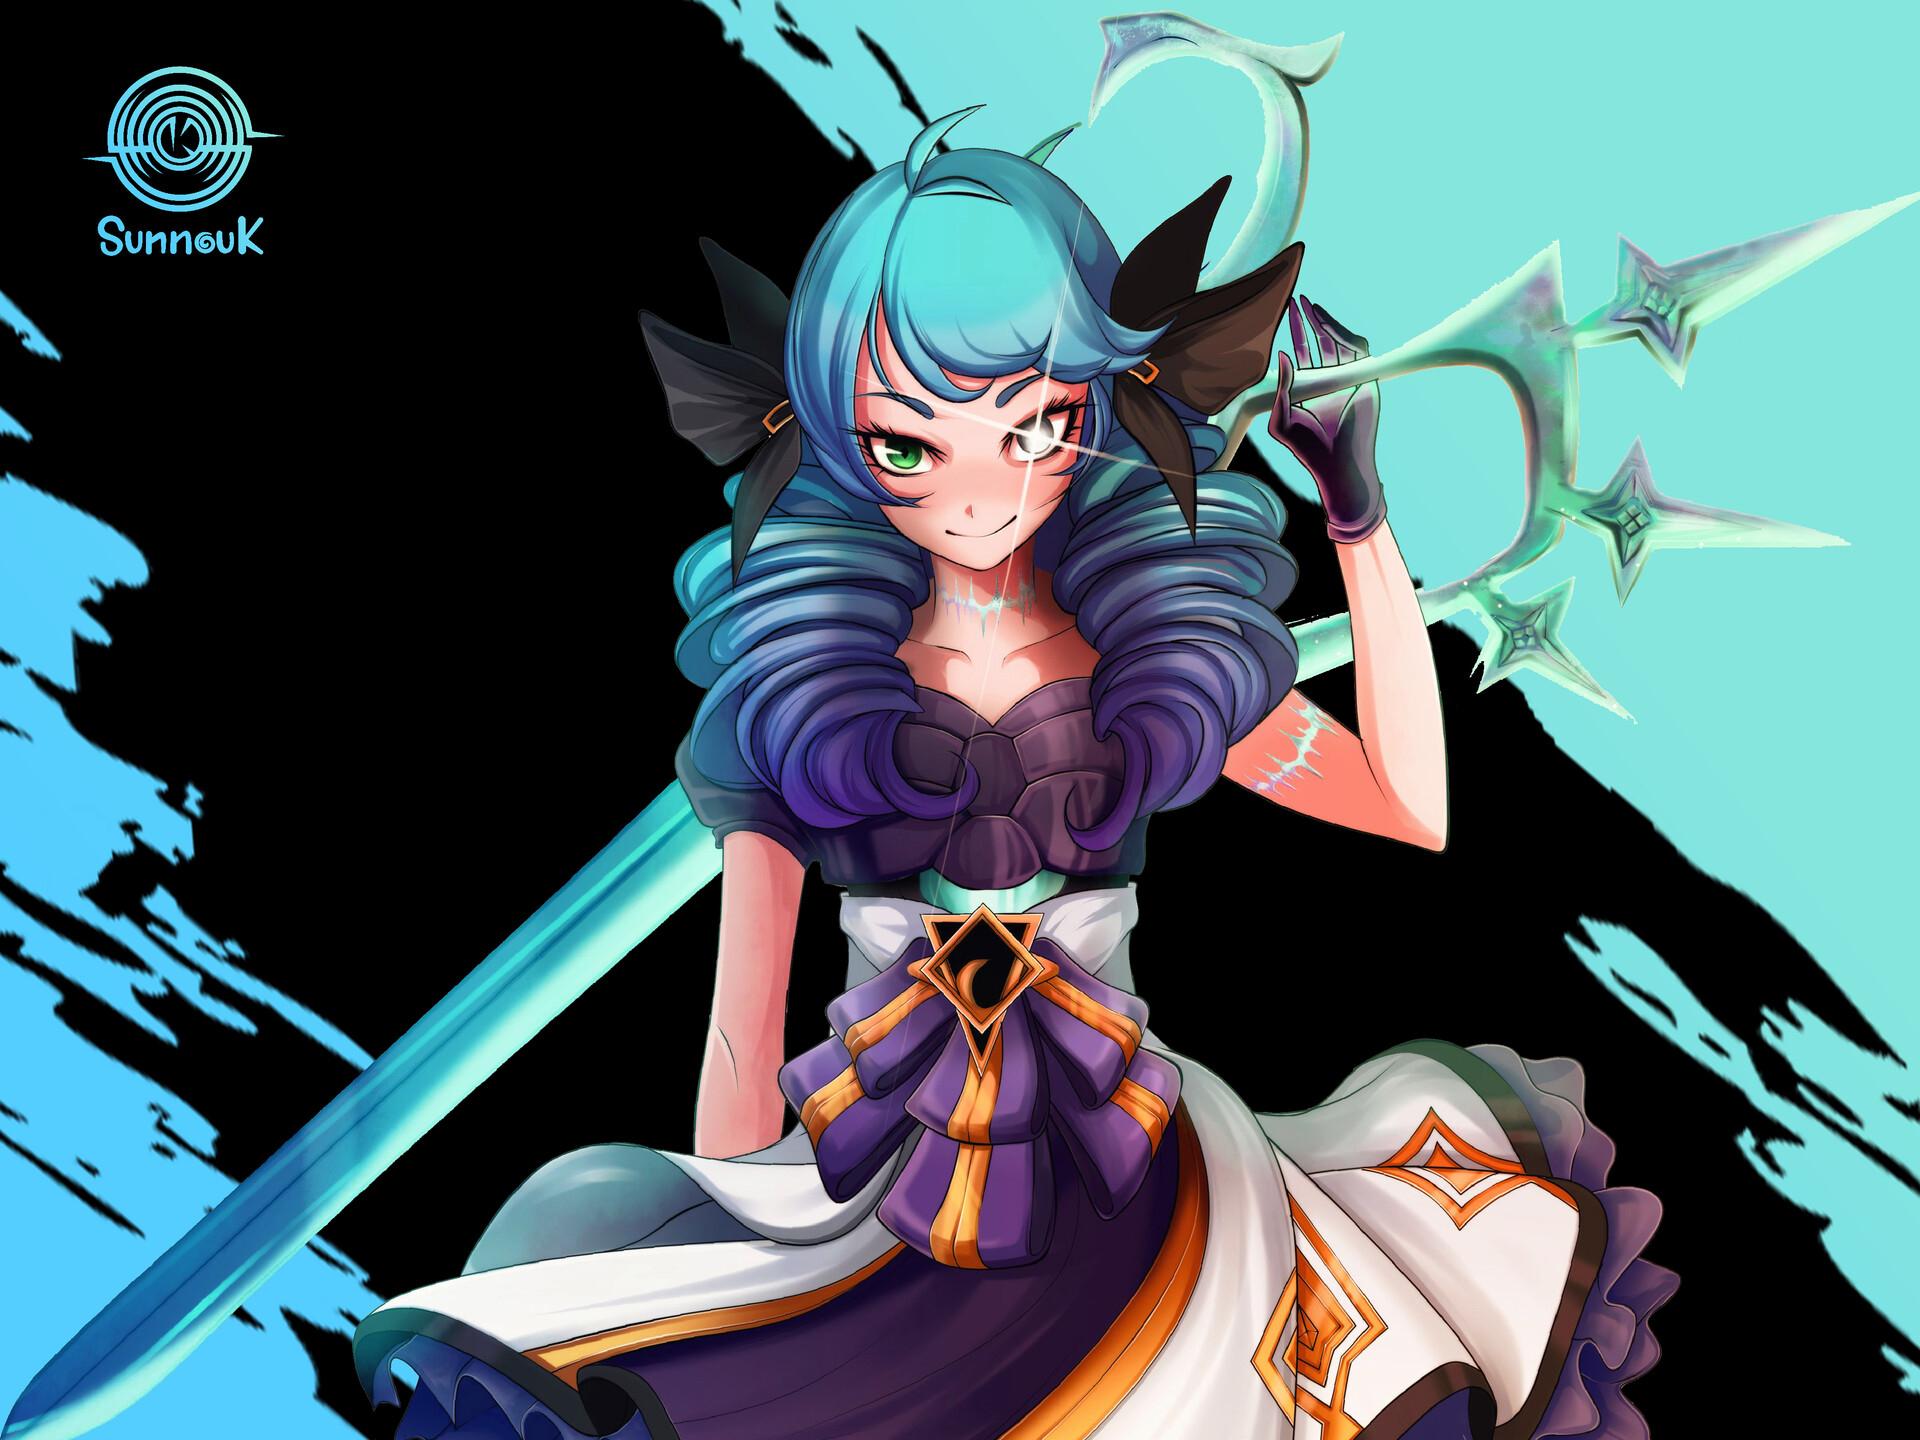 Gwen League Of Legends Girl Blue Hair 1920x1440